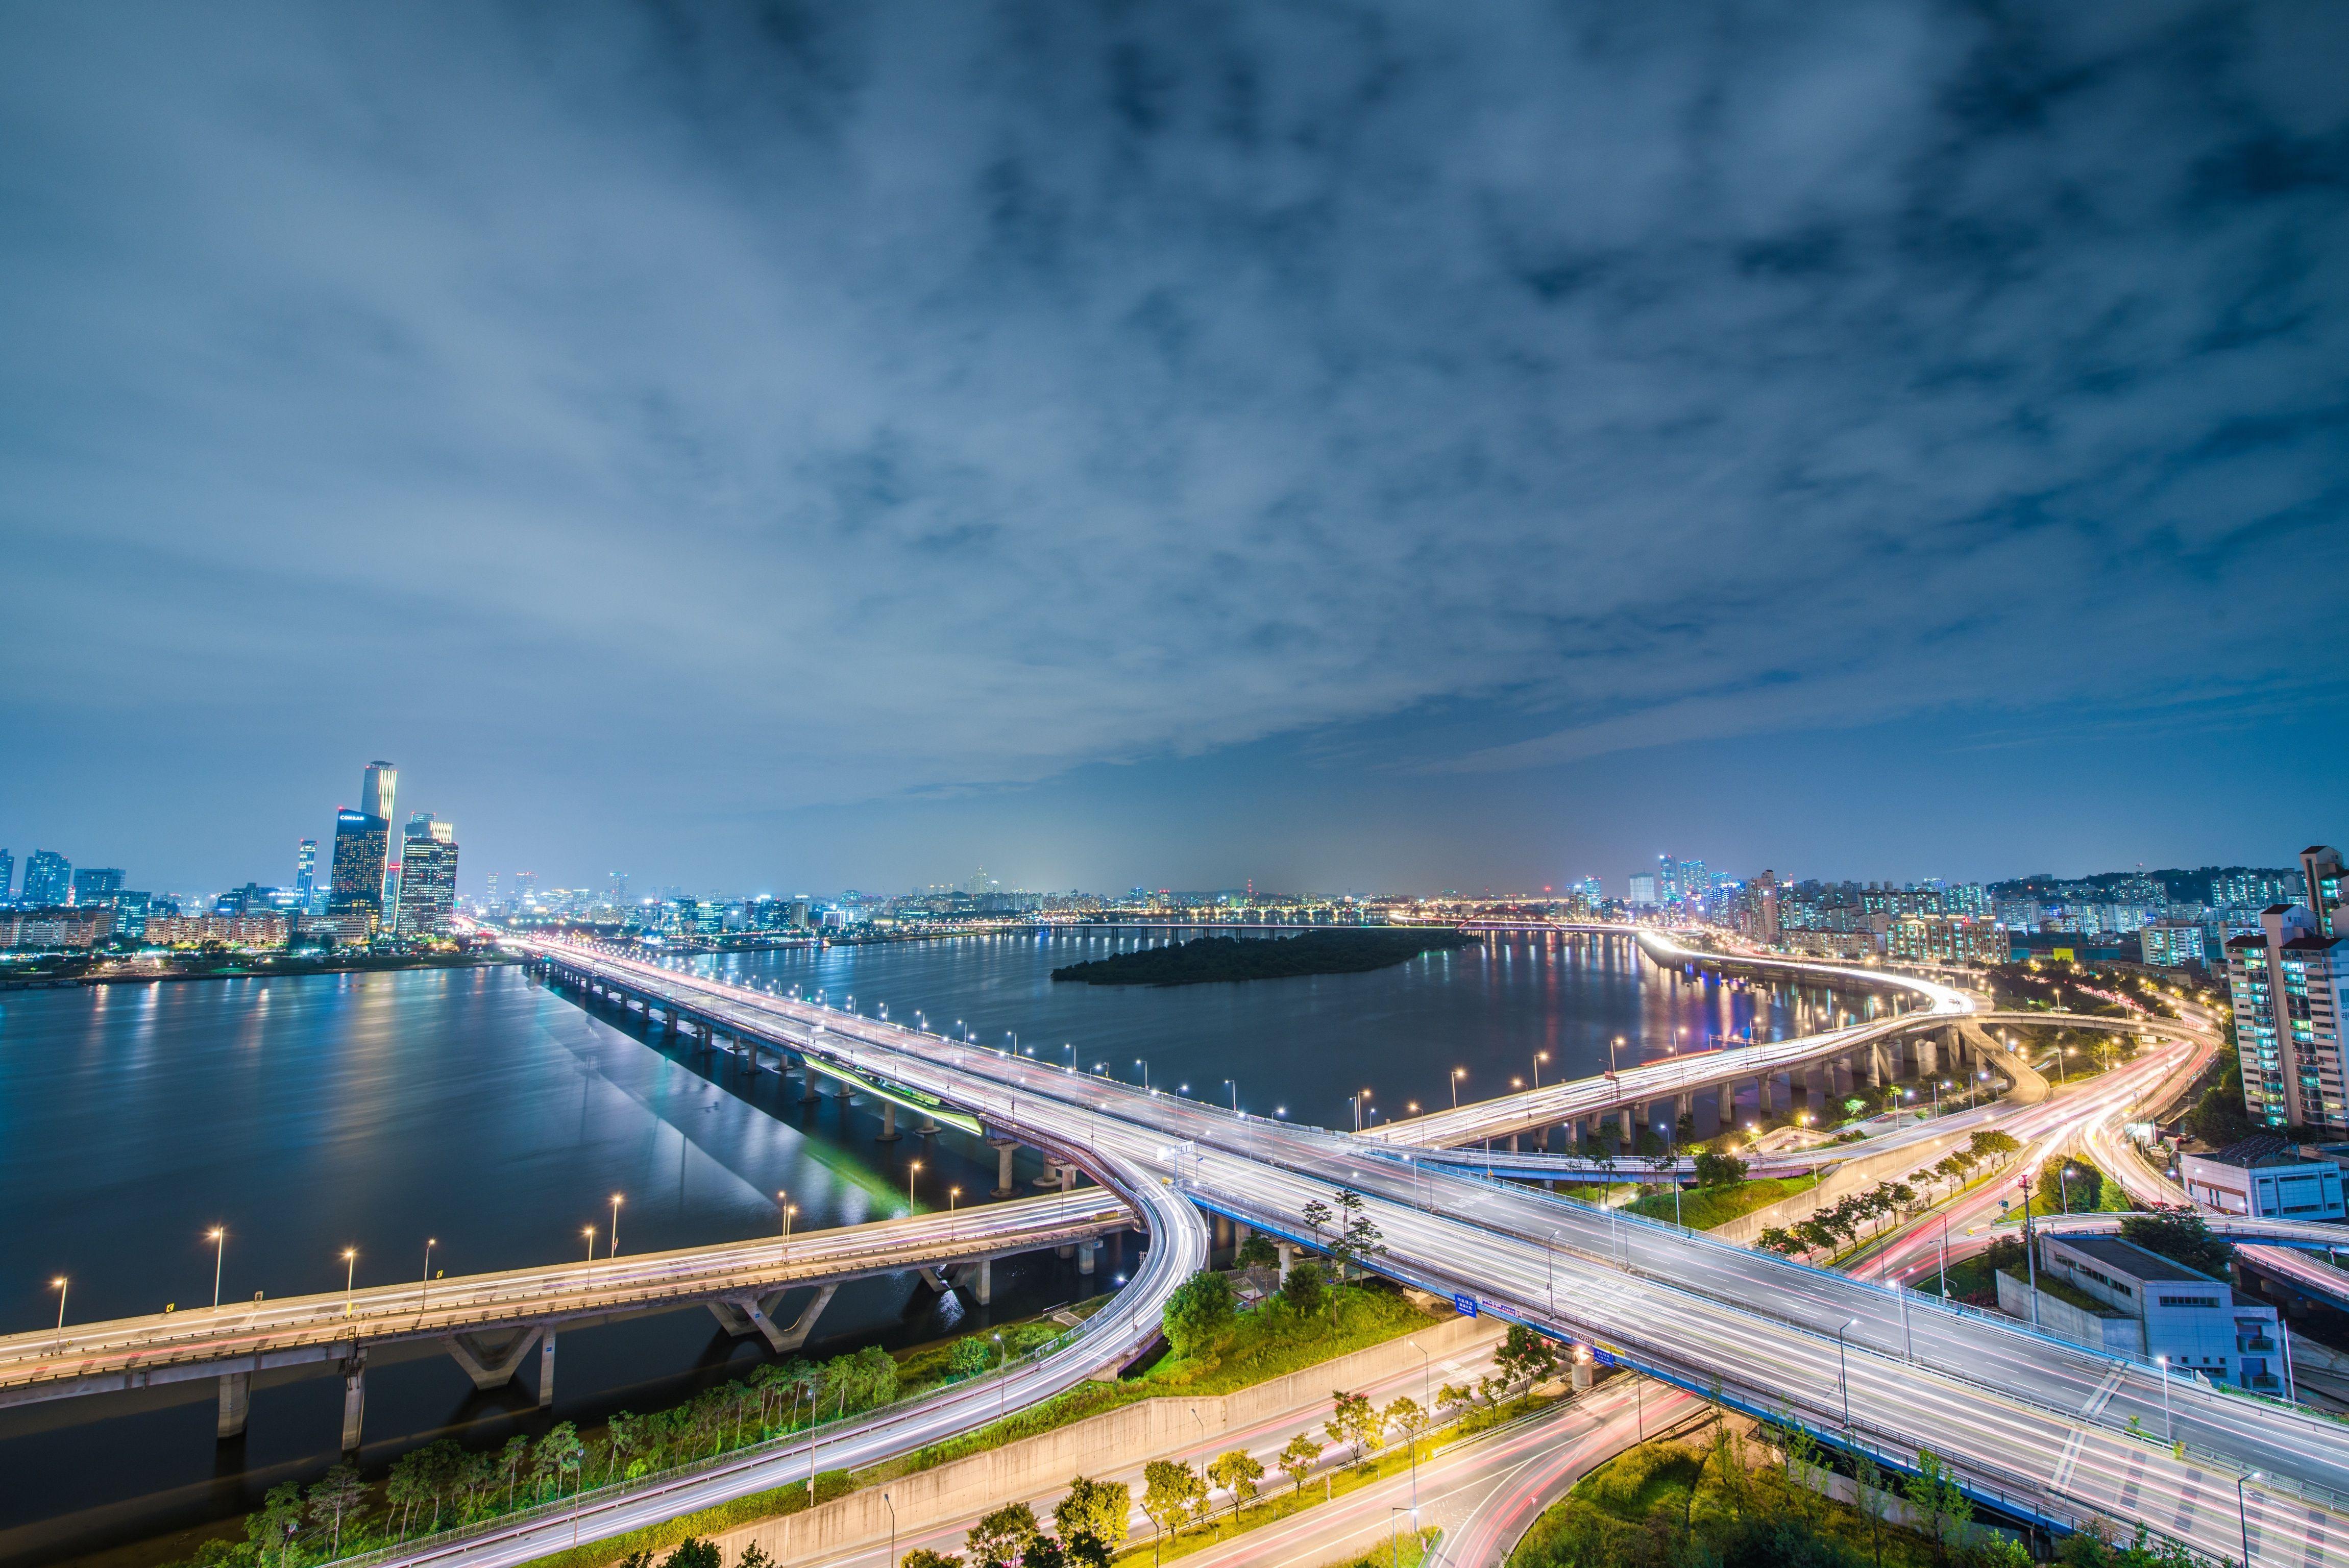 High Angle View der Stadt nachts beleuchtet